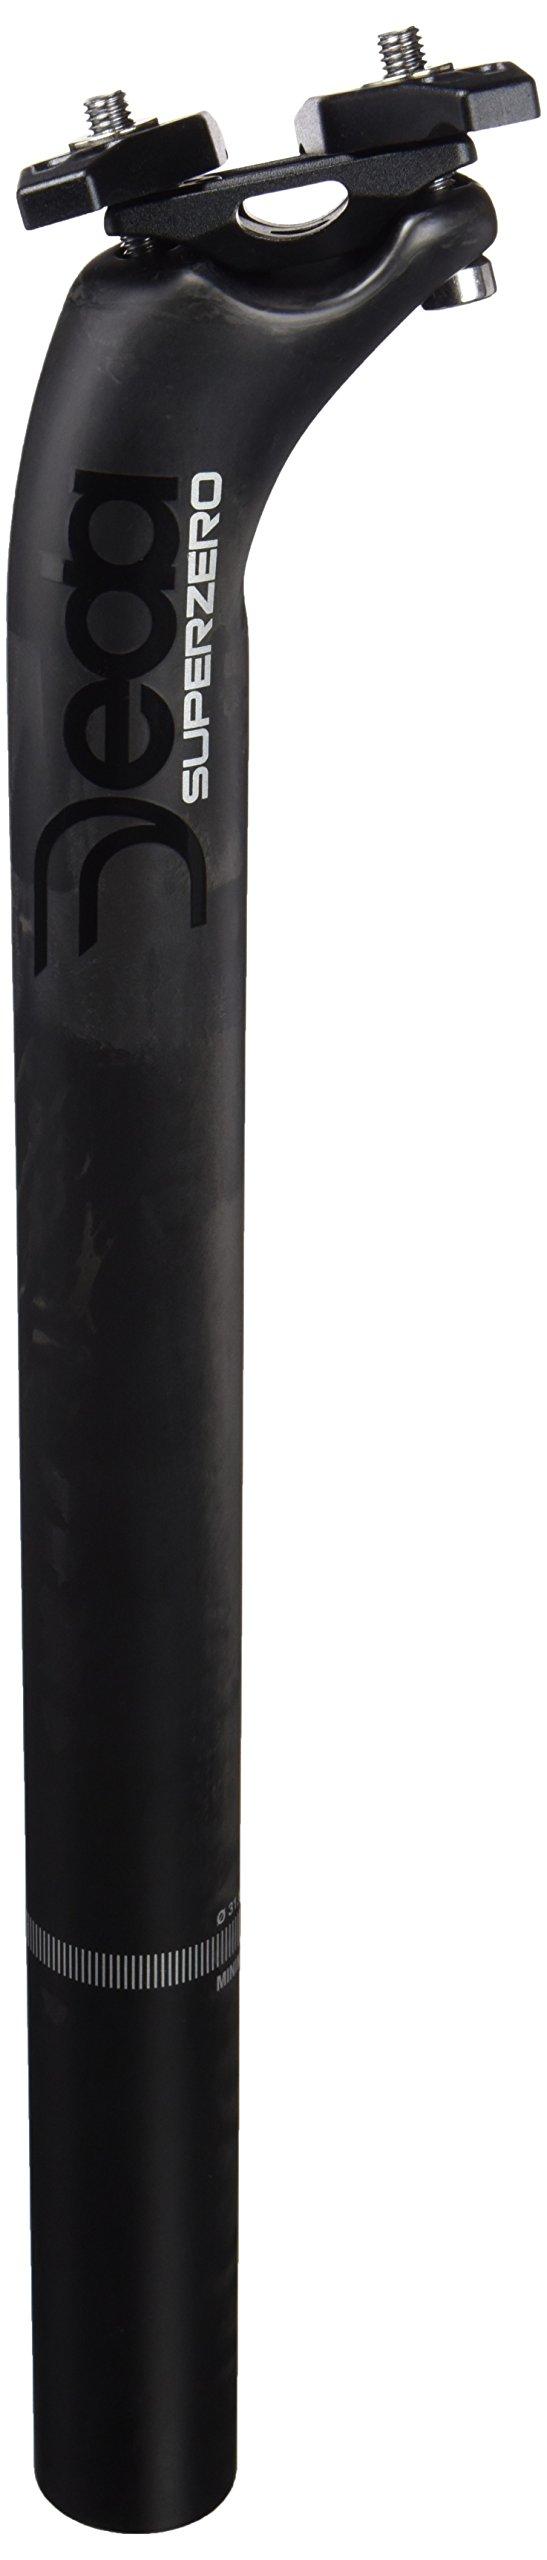 Deda Elementi Diameter 31.7//27.2 Superleggero Carbon Seatpost